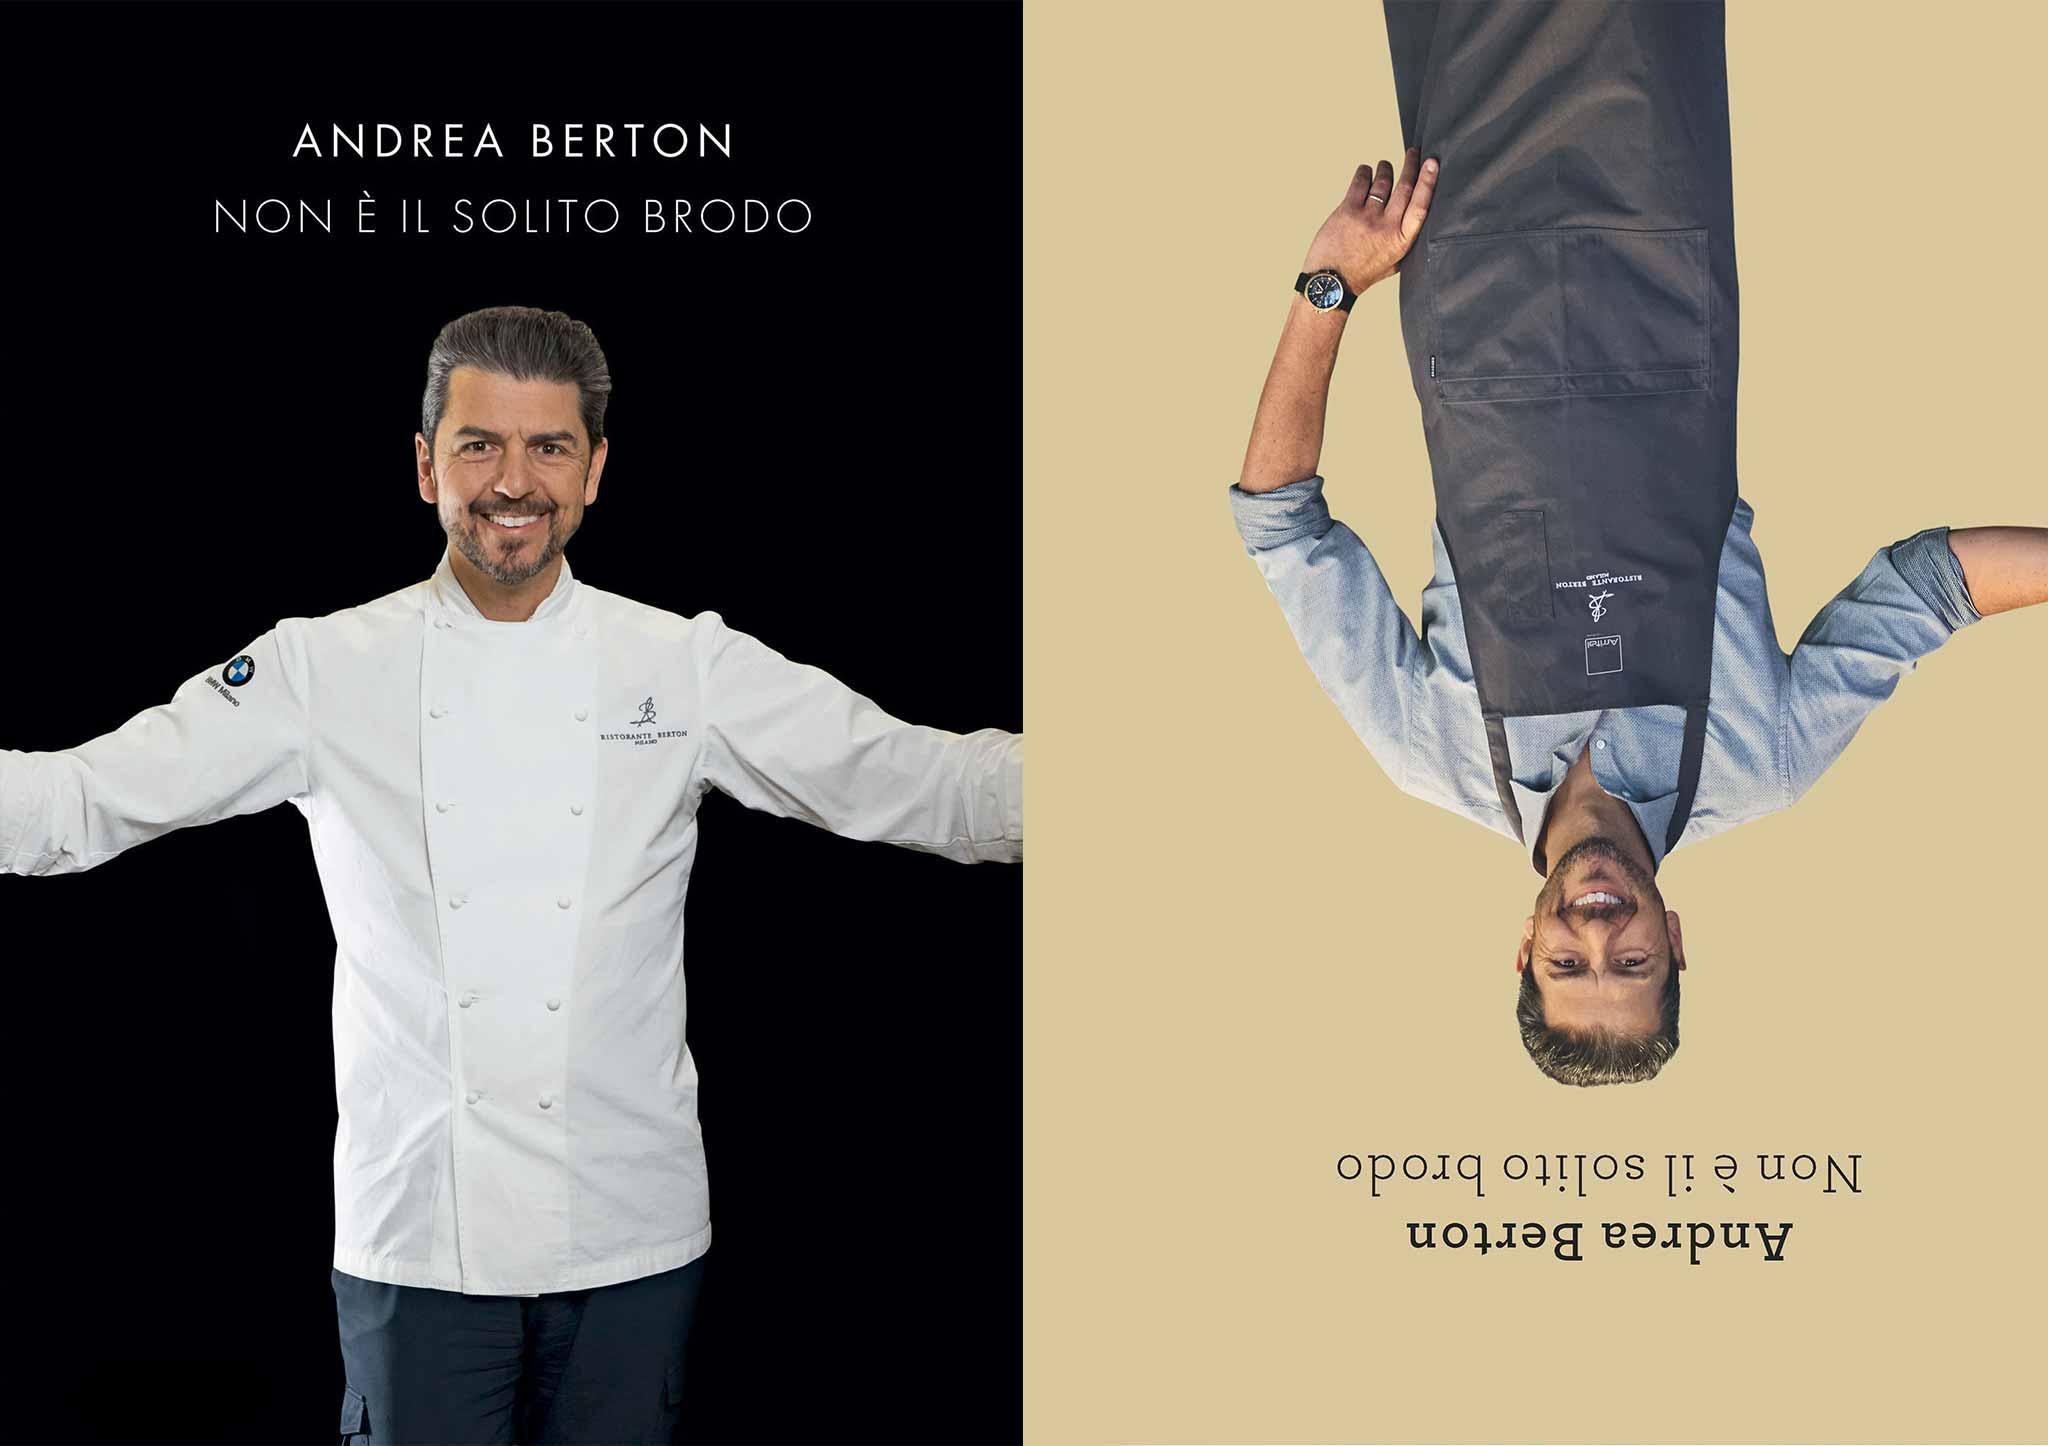 Libro - Non è il solito brodo - Andrea Berton